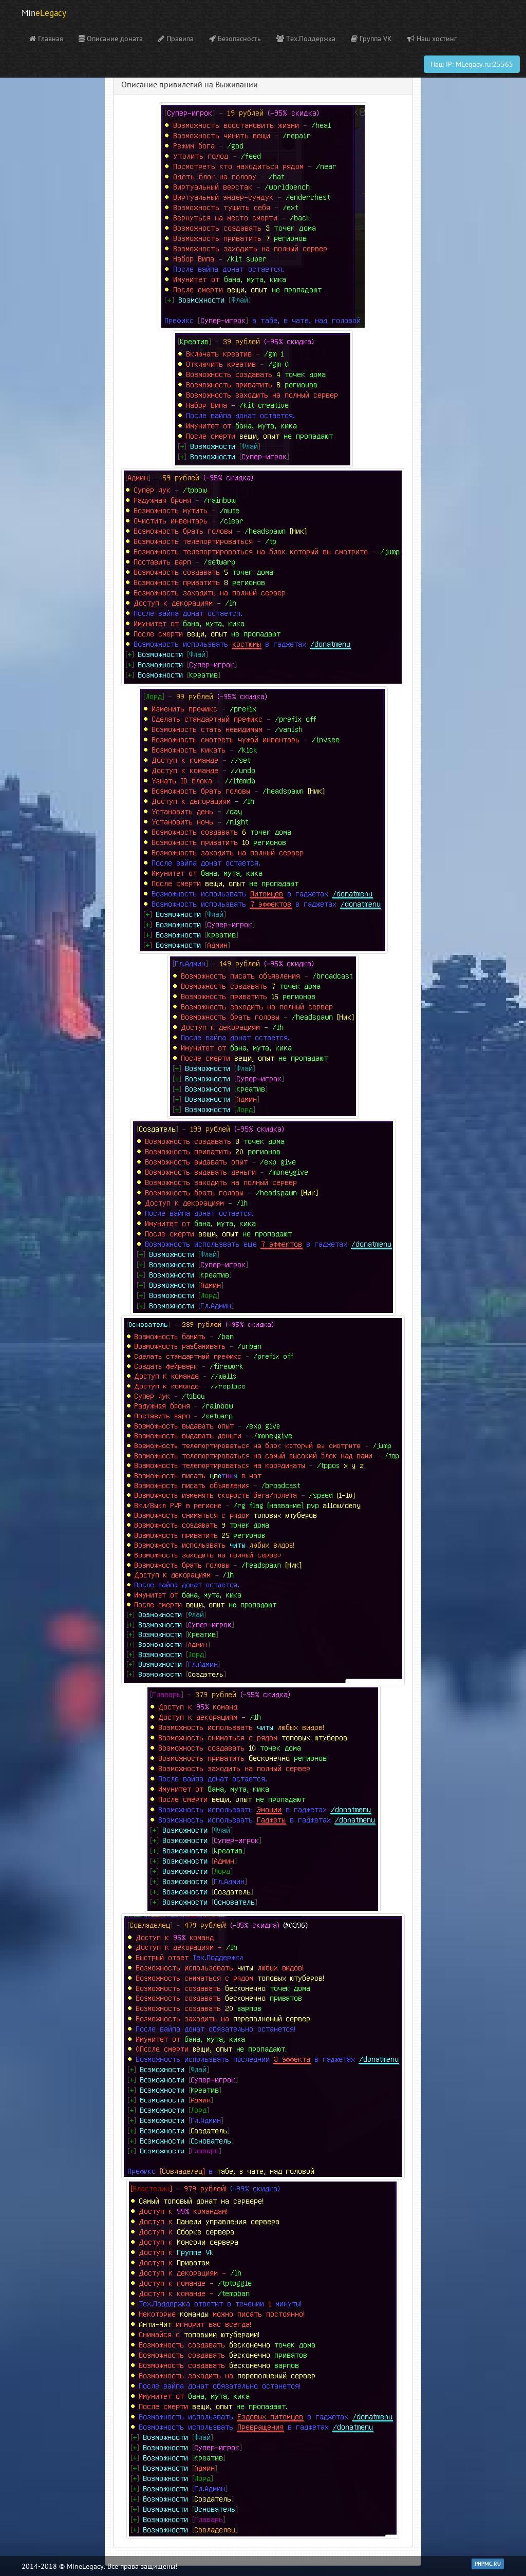 """Описание товара """"Властелин"""" можно увидеть на скриншоте в самом низу"""